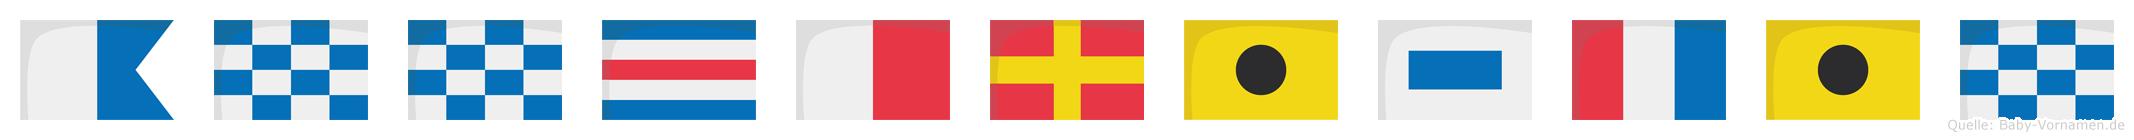 Annchristin im Flaggenalphabet